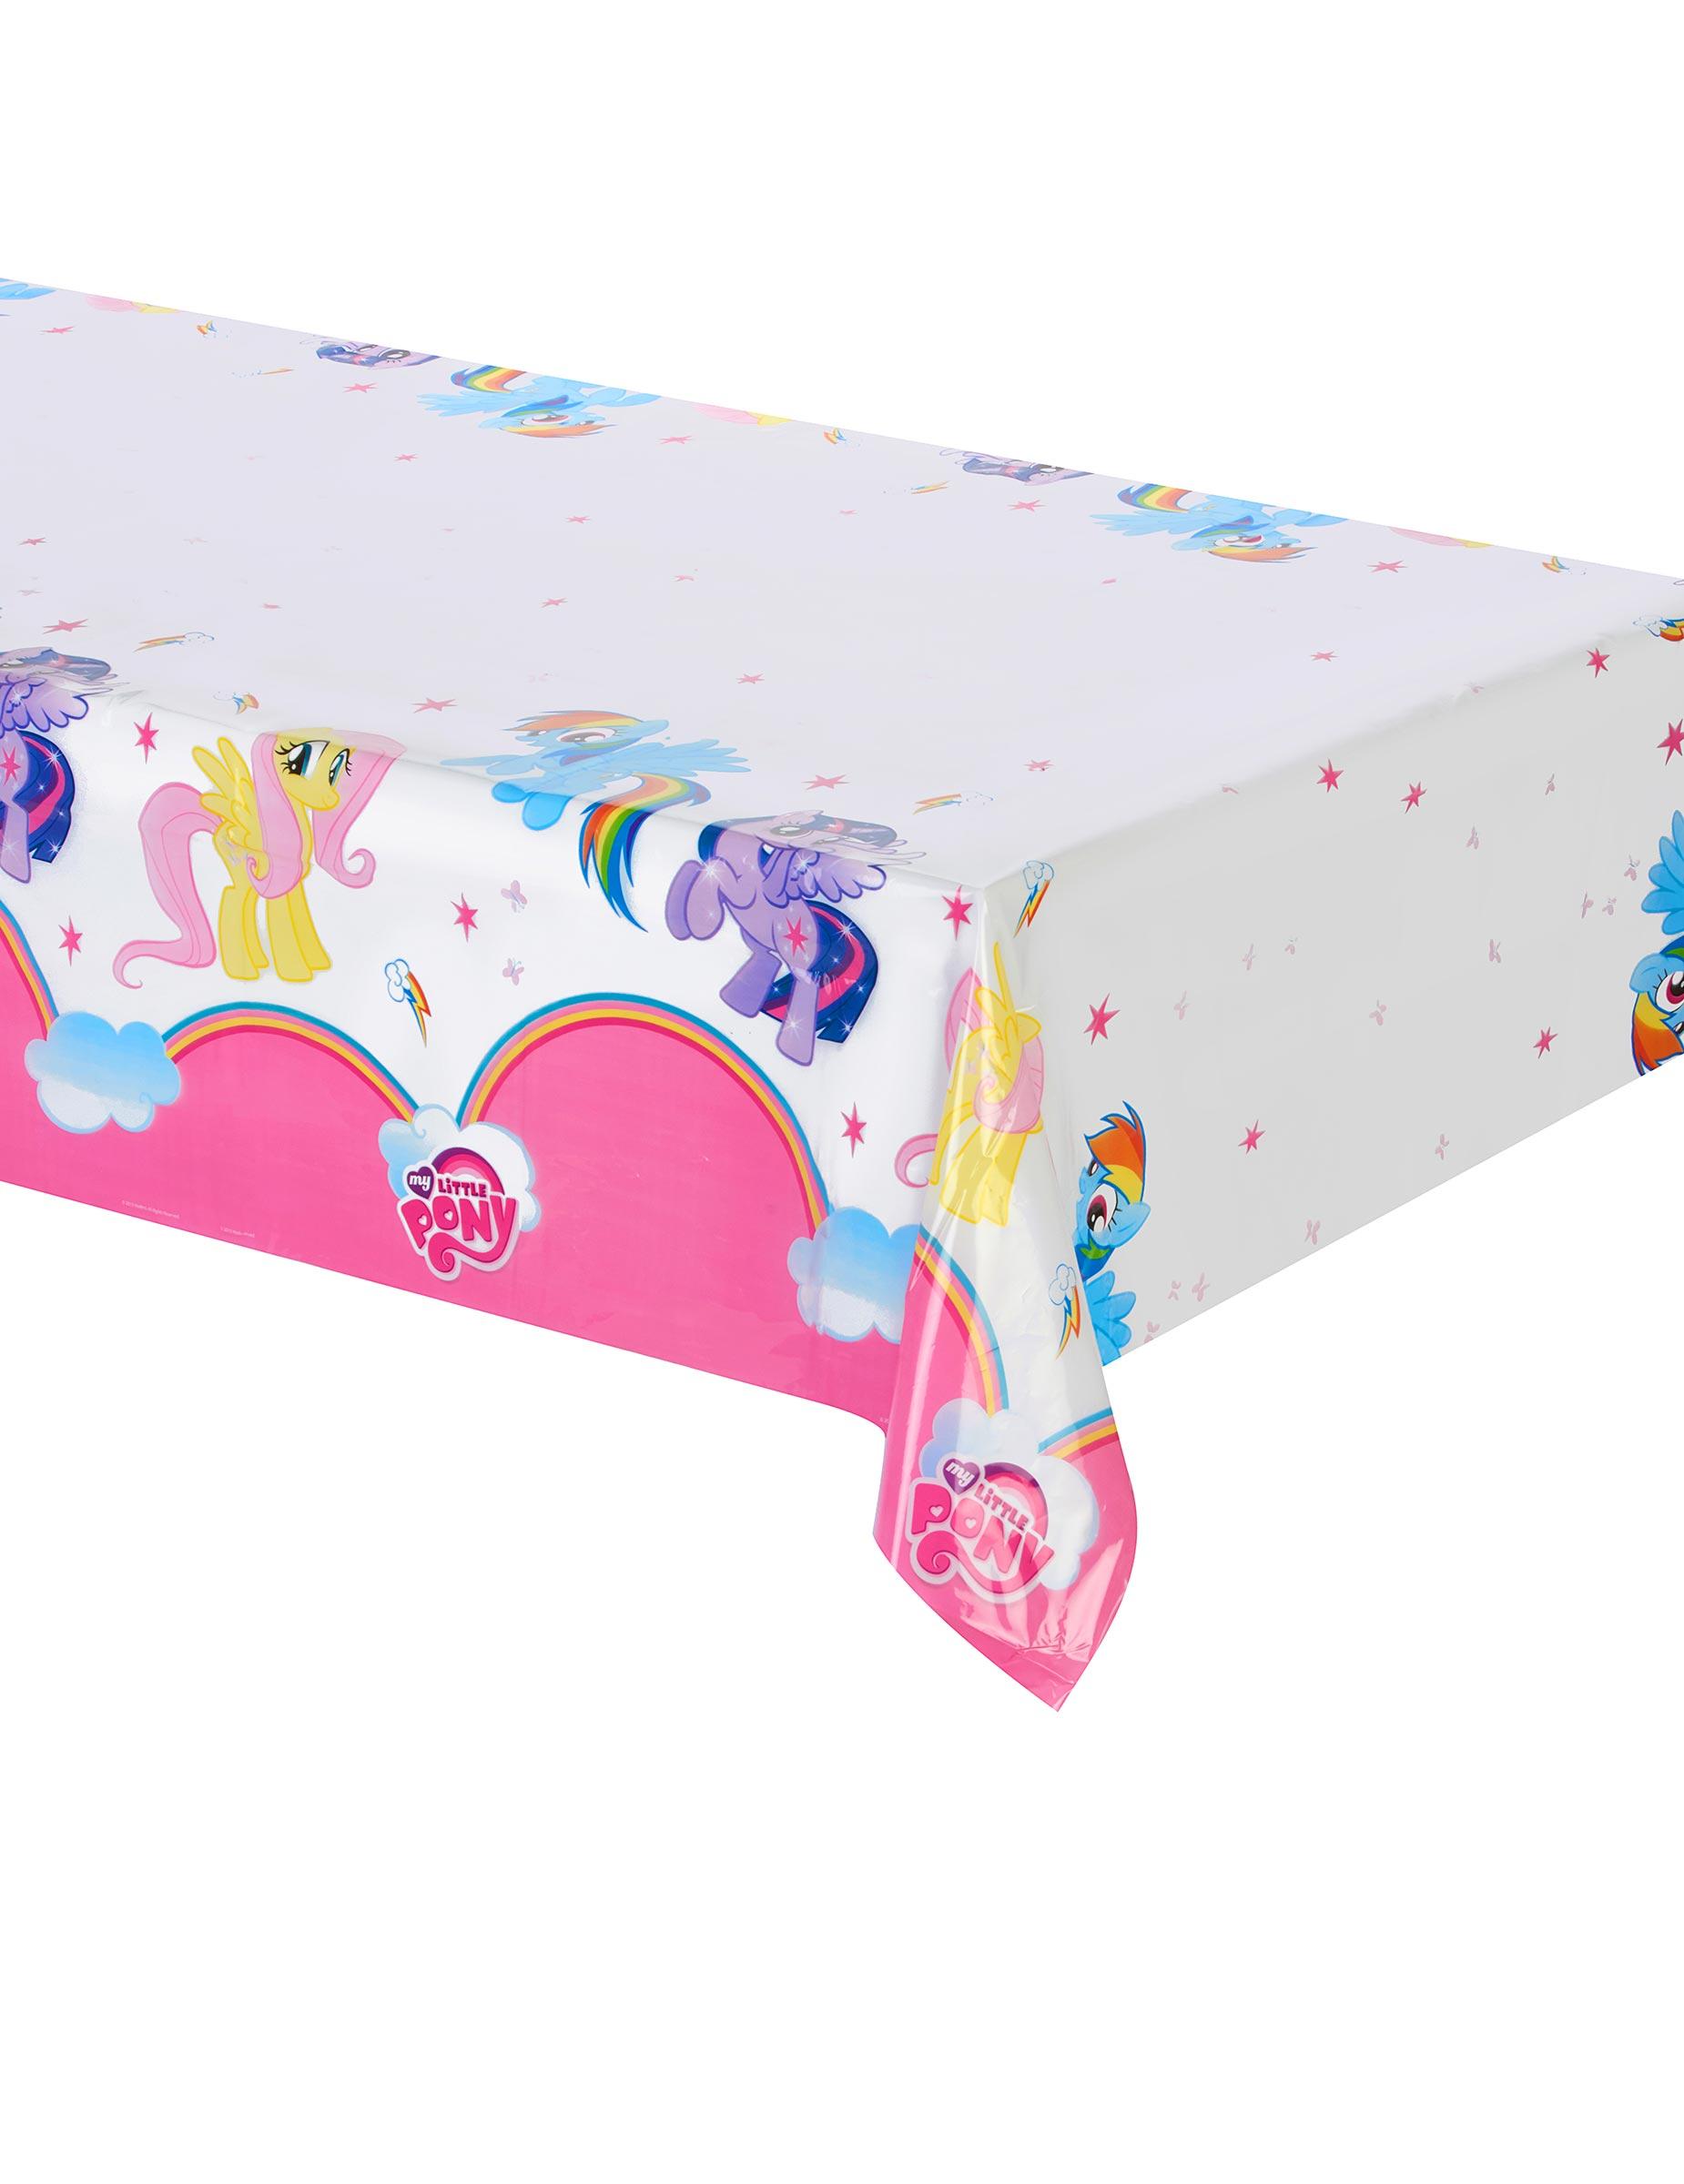 tischdecke aus plastik mein kleines pony partydeko und g nstige faschingskost me vegaoo. Black Bedroom Furniture Sets. Home Design Ideas